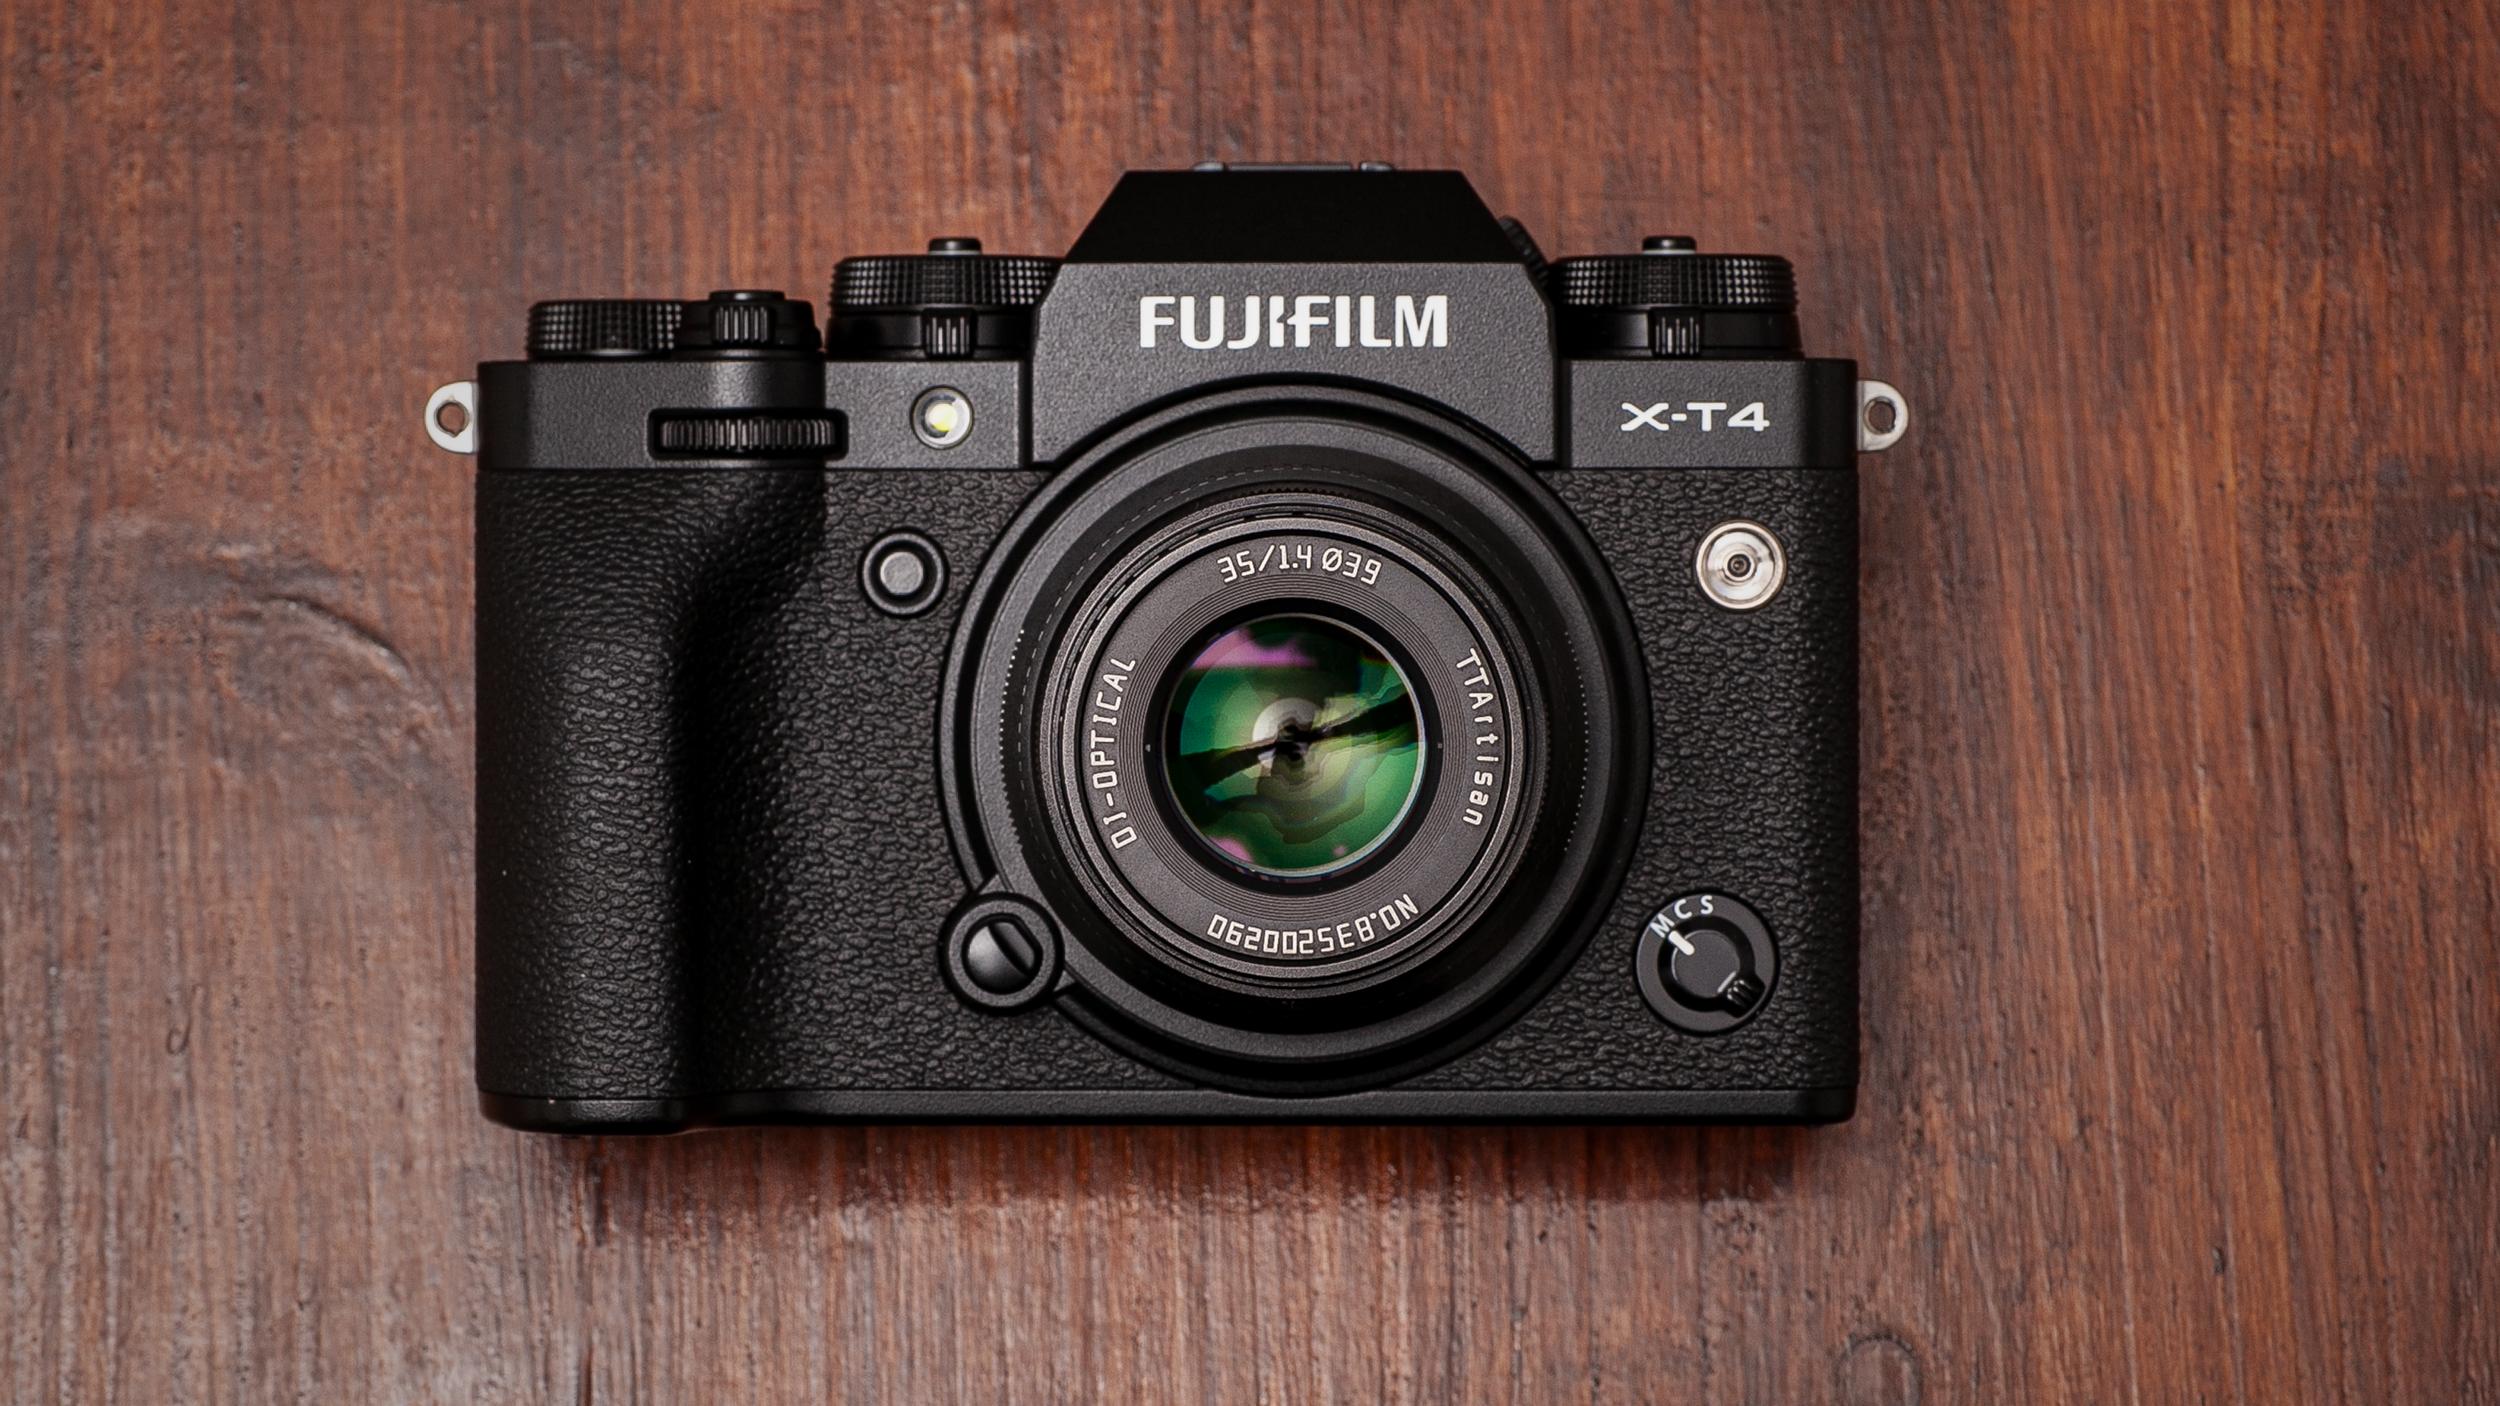 【FUJIFILM】X-T4で使う『銘匠光学 (めいしょうこうがく) TTArtisan 35mm F1.4 C 』